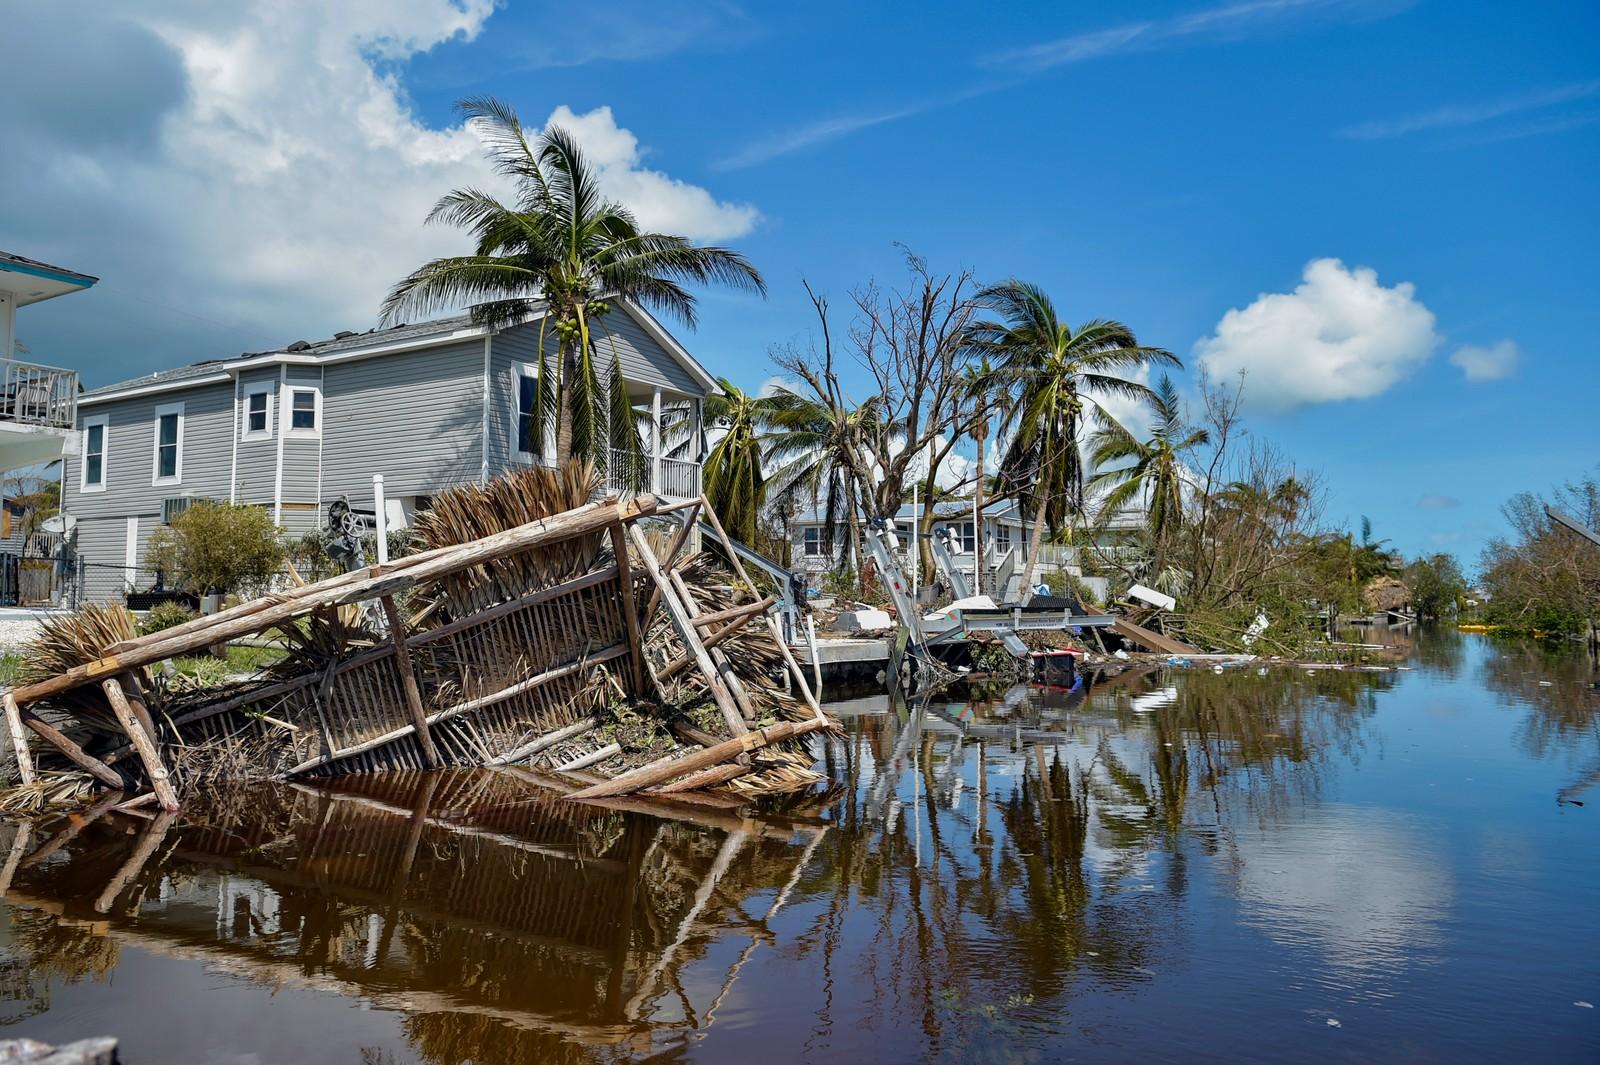 Flere hjem har blitt revet vekk etter orkanen og flommen som kom i ettertid.